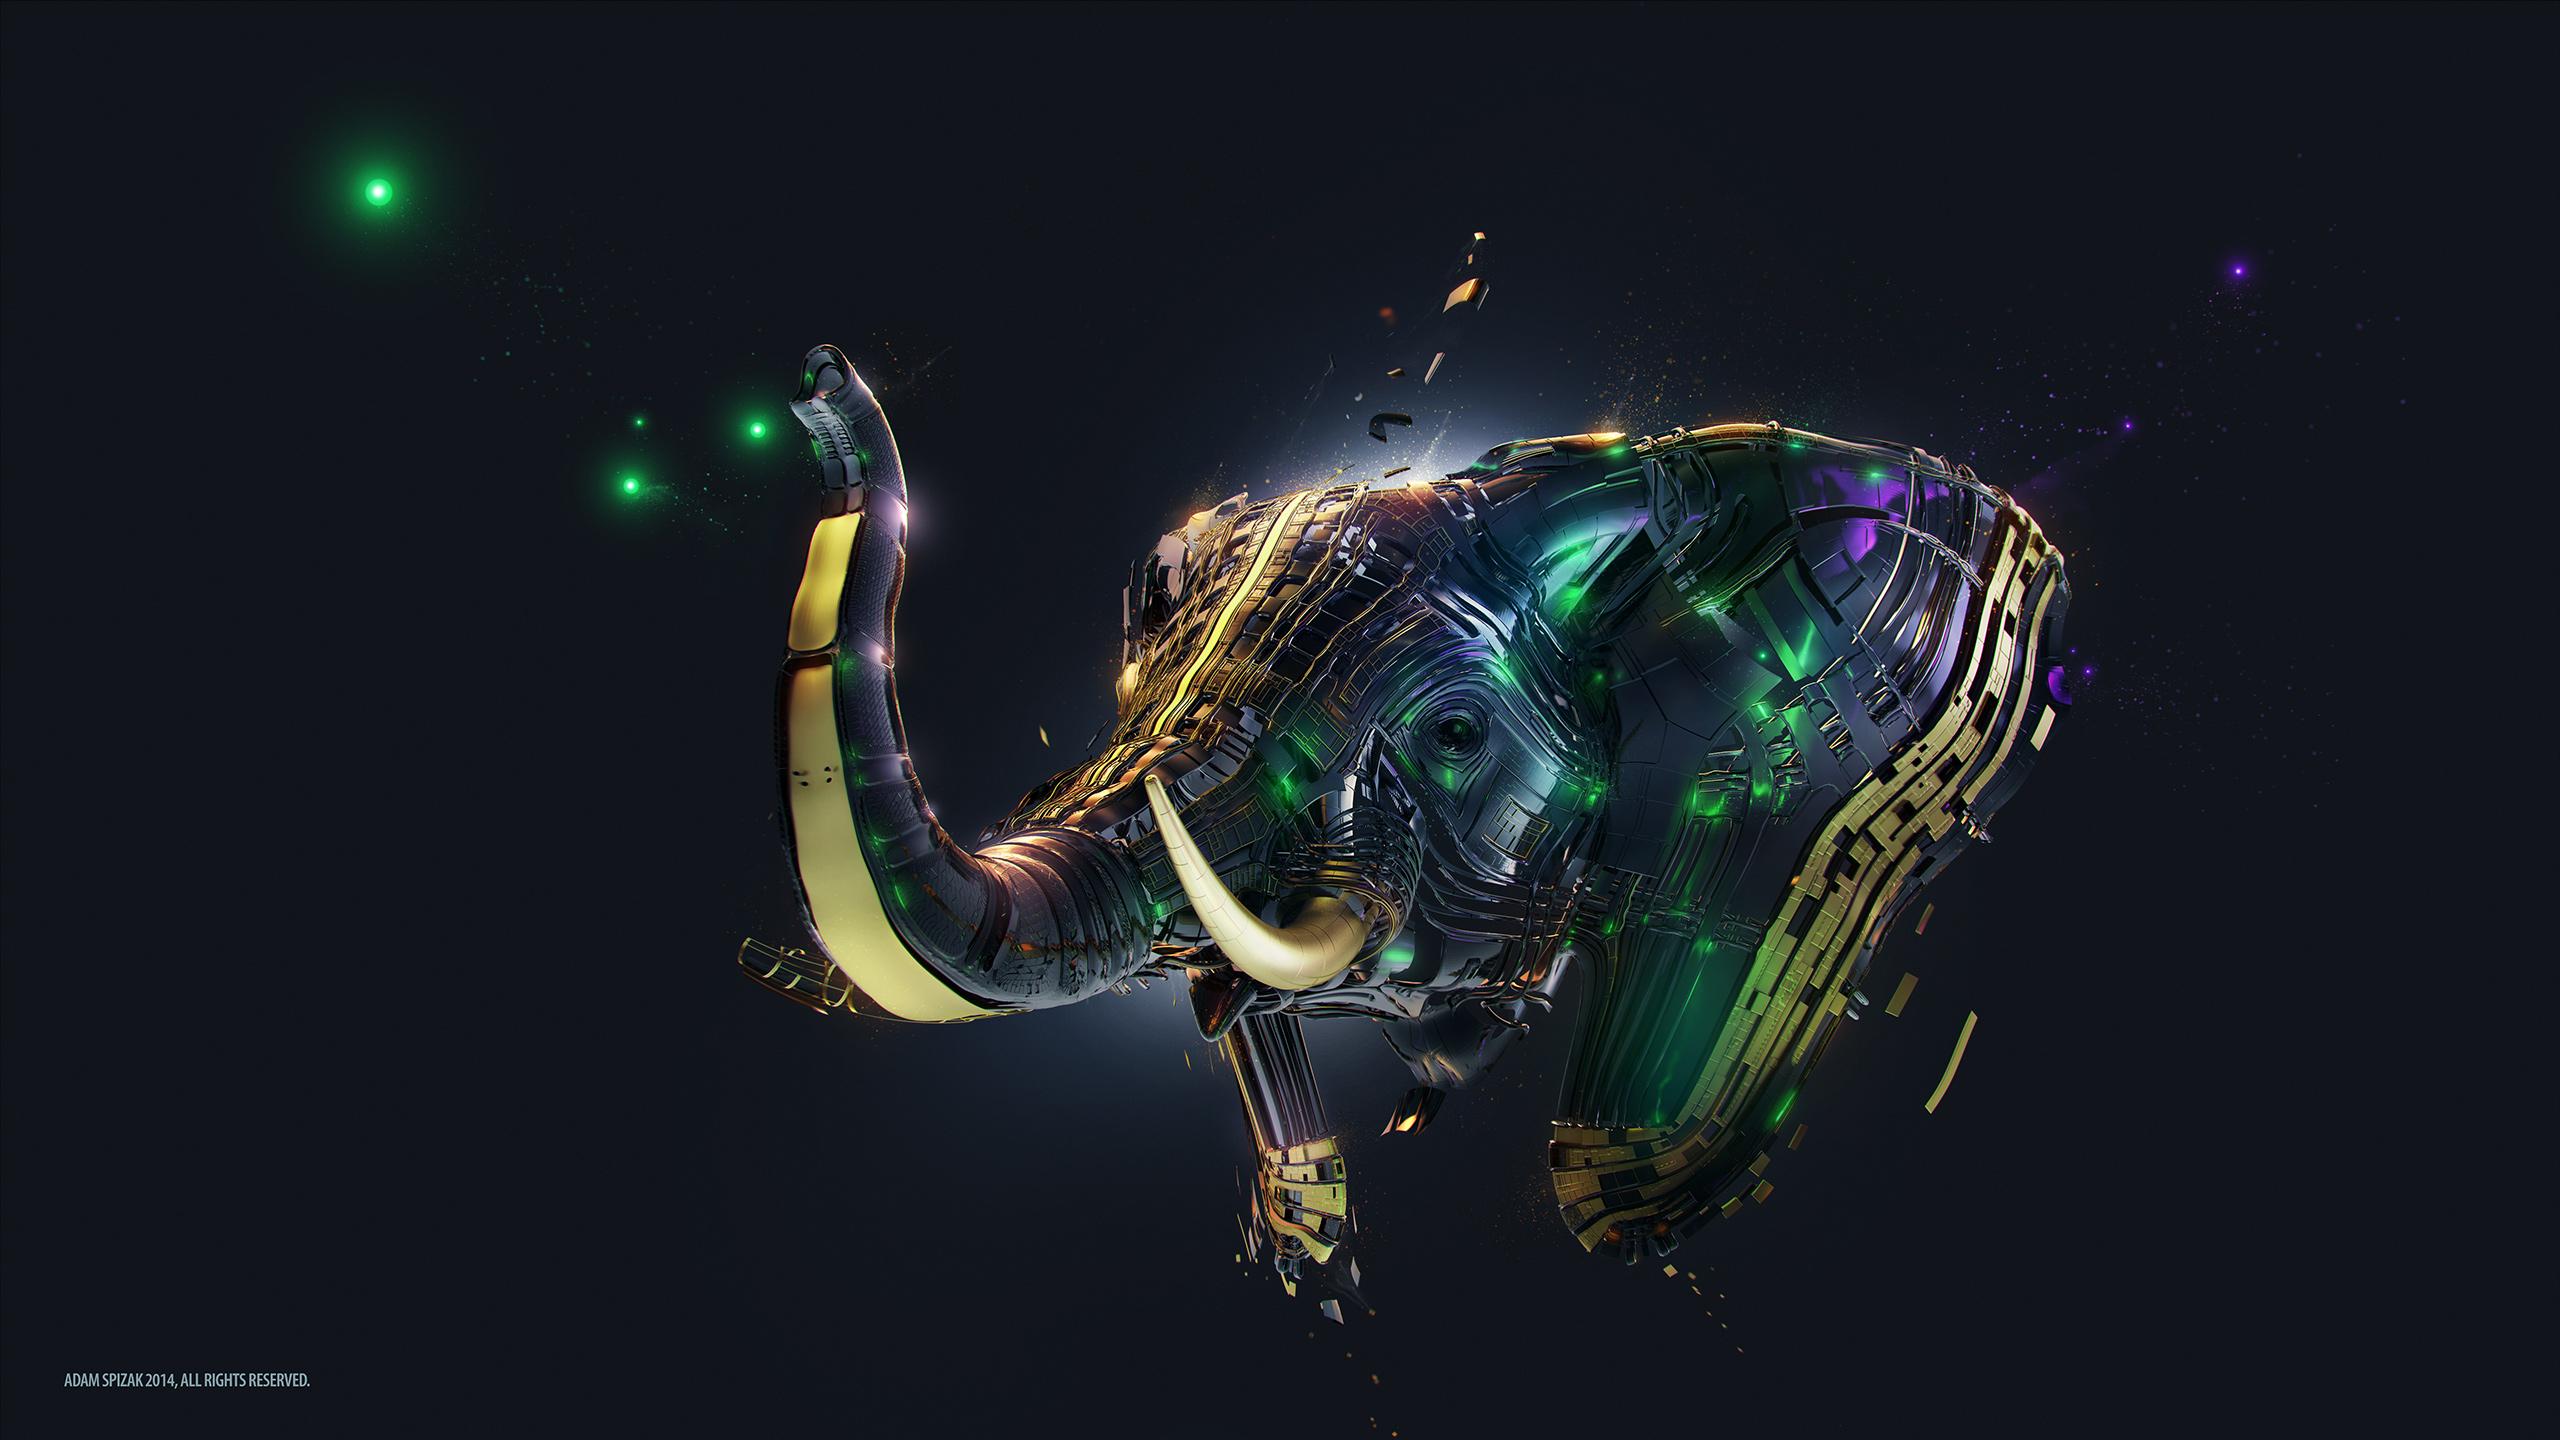 Elephant artwork. обои скачать